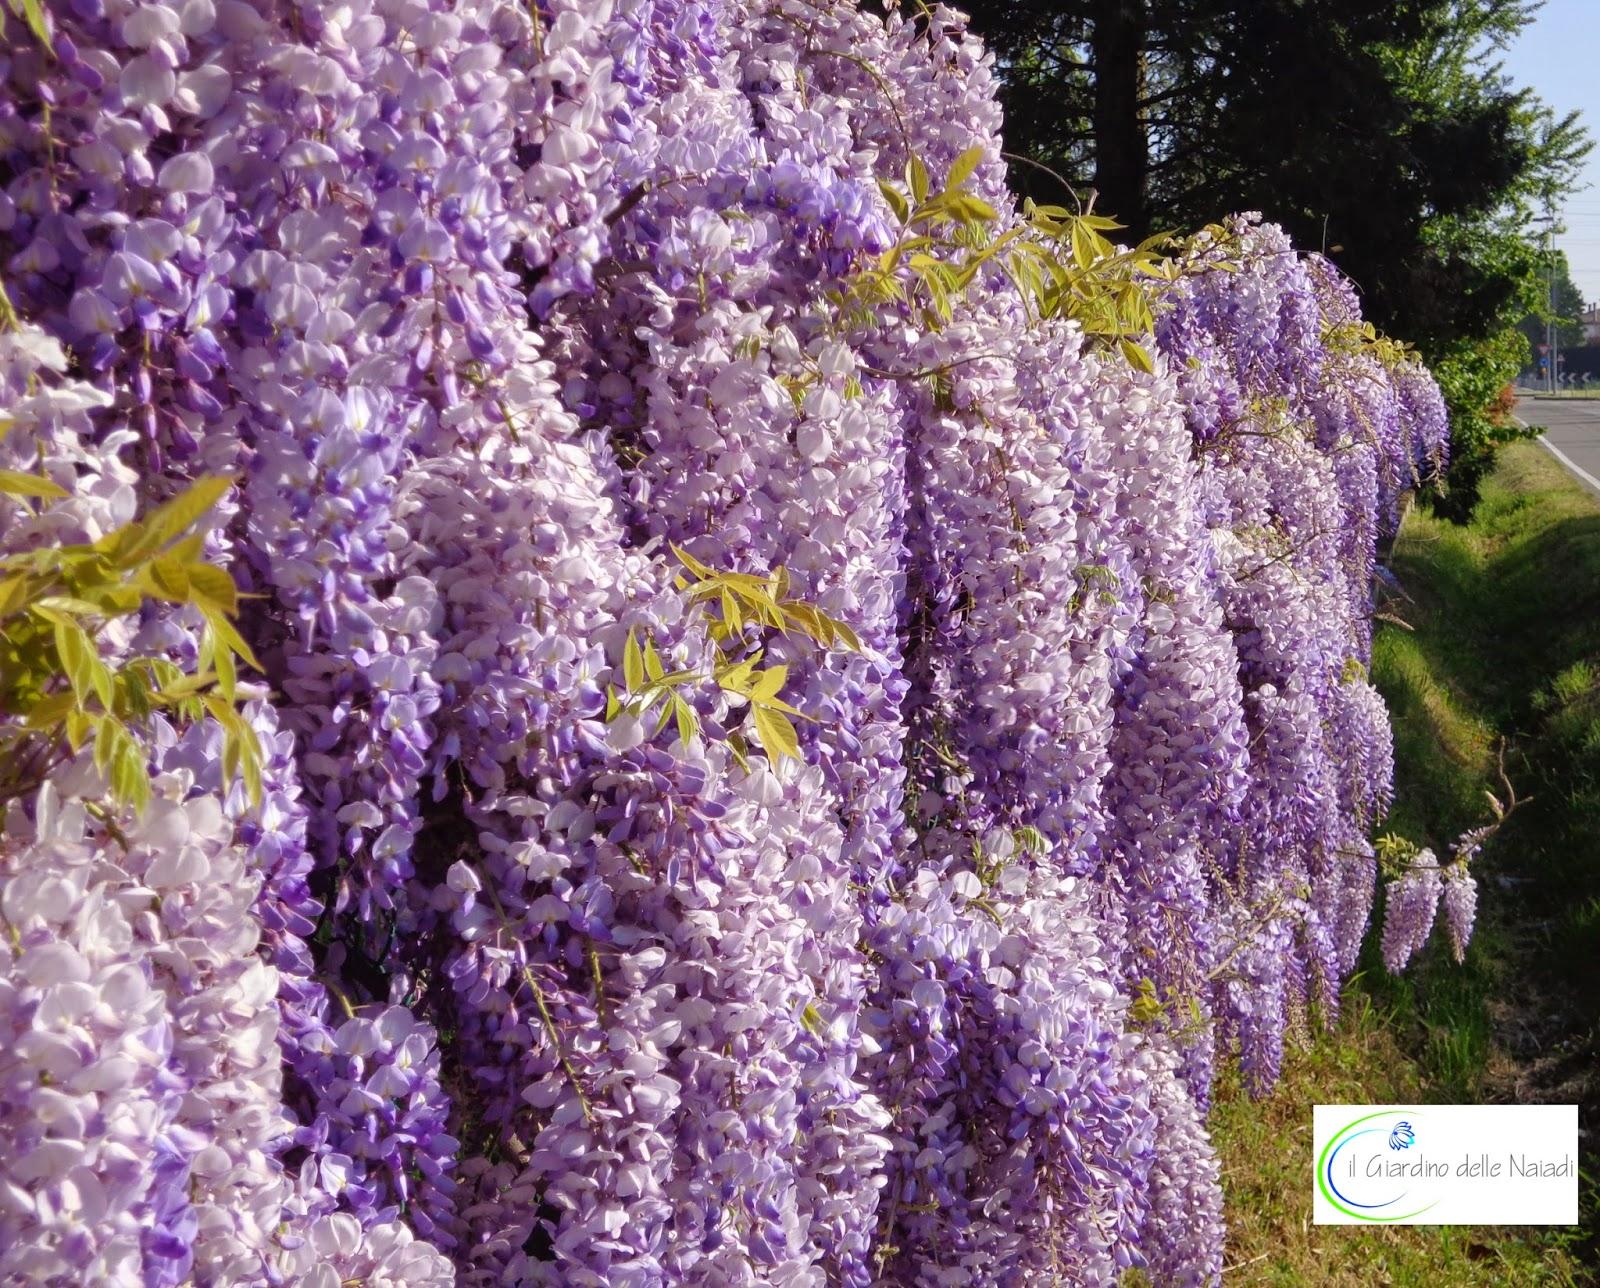 Il giardino delle naiadi glicine pericolosa bellezza for Fiori a grappolo